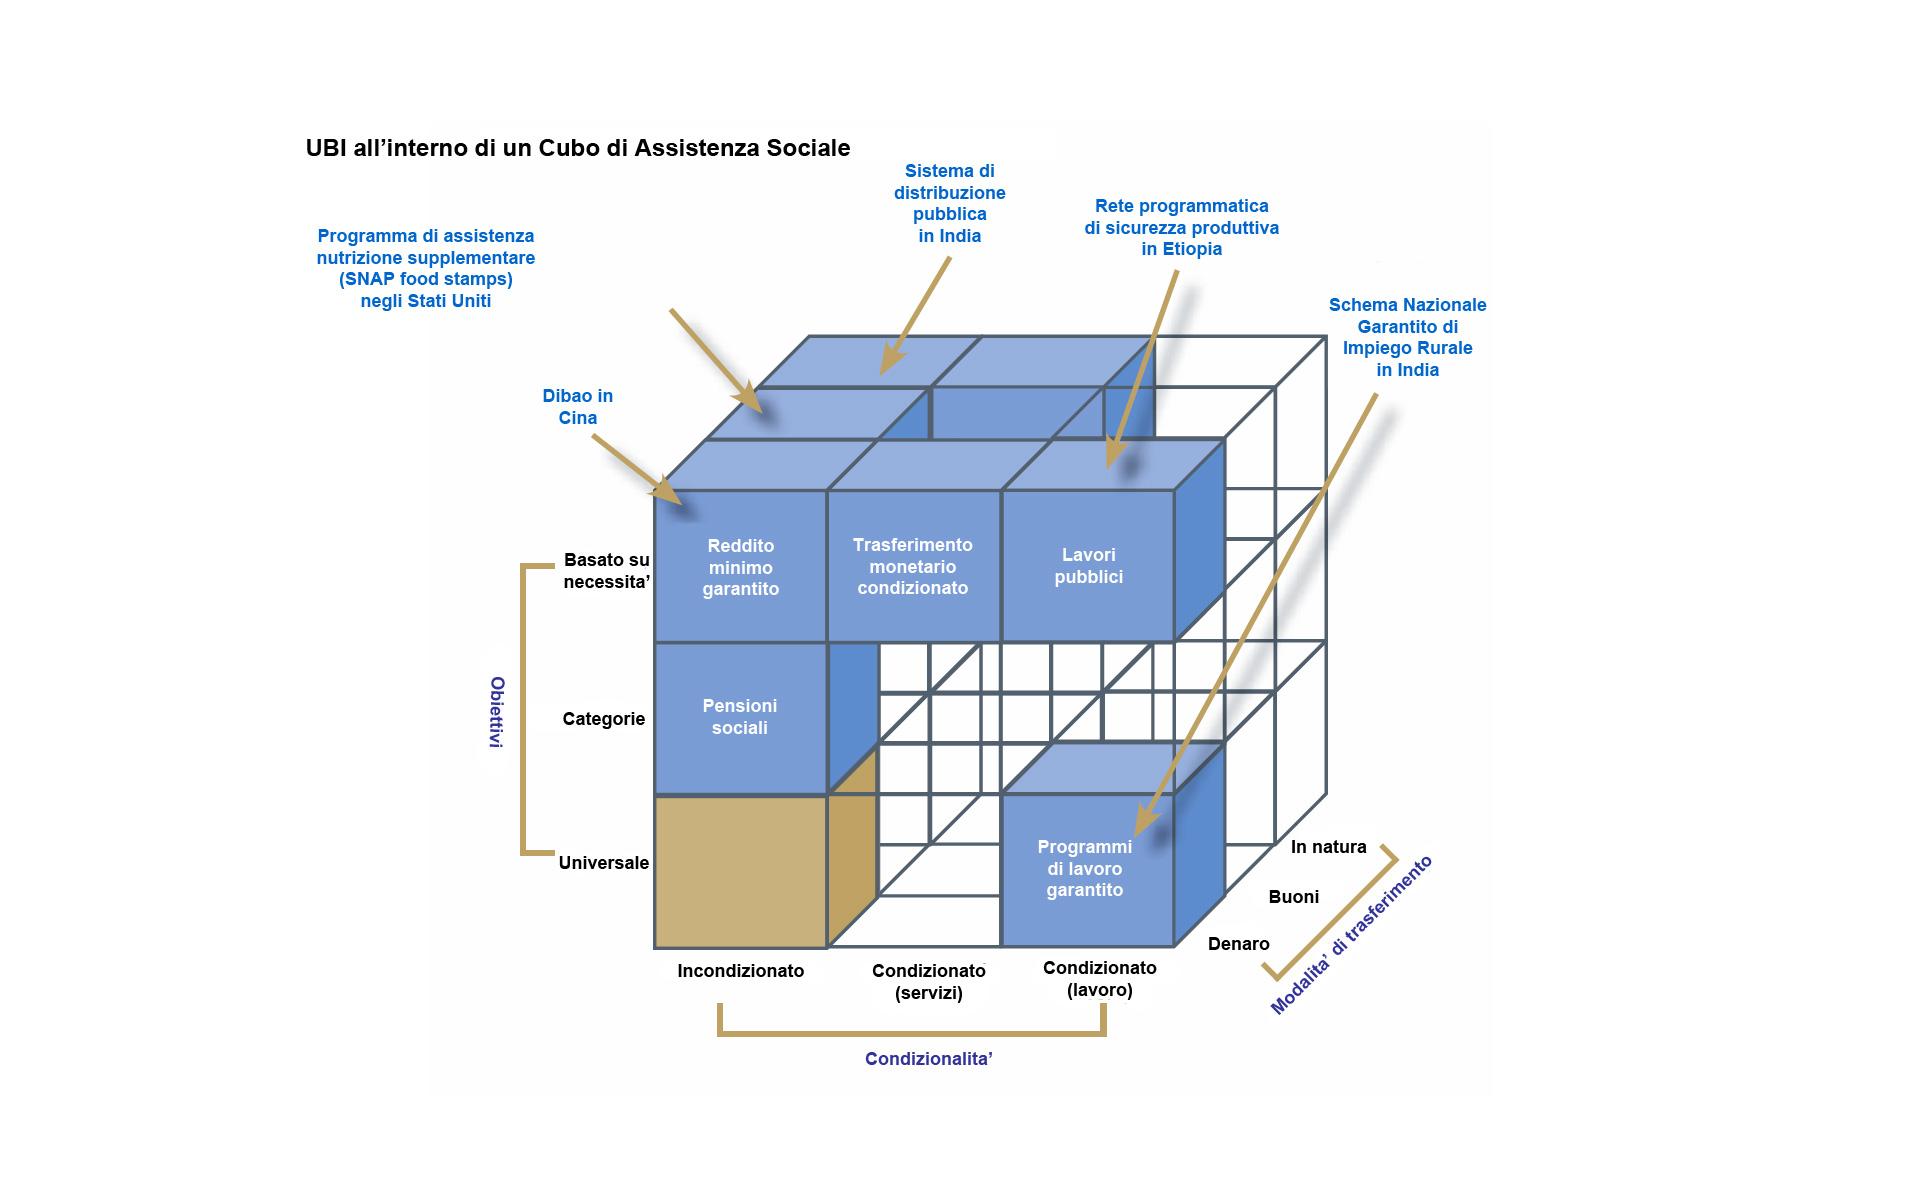 UBI_Social_Assistance_Cube